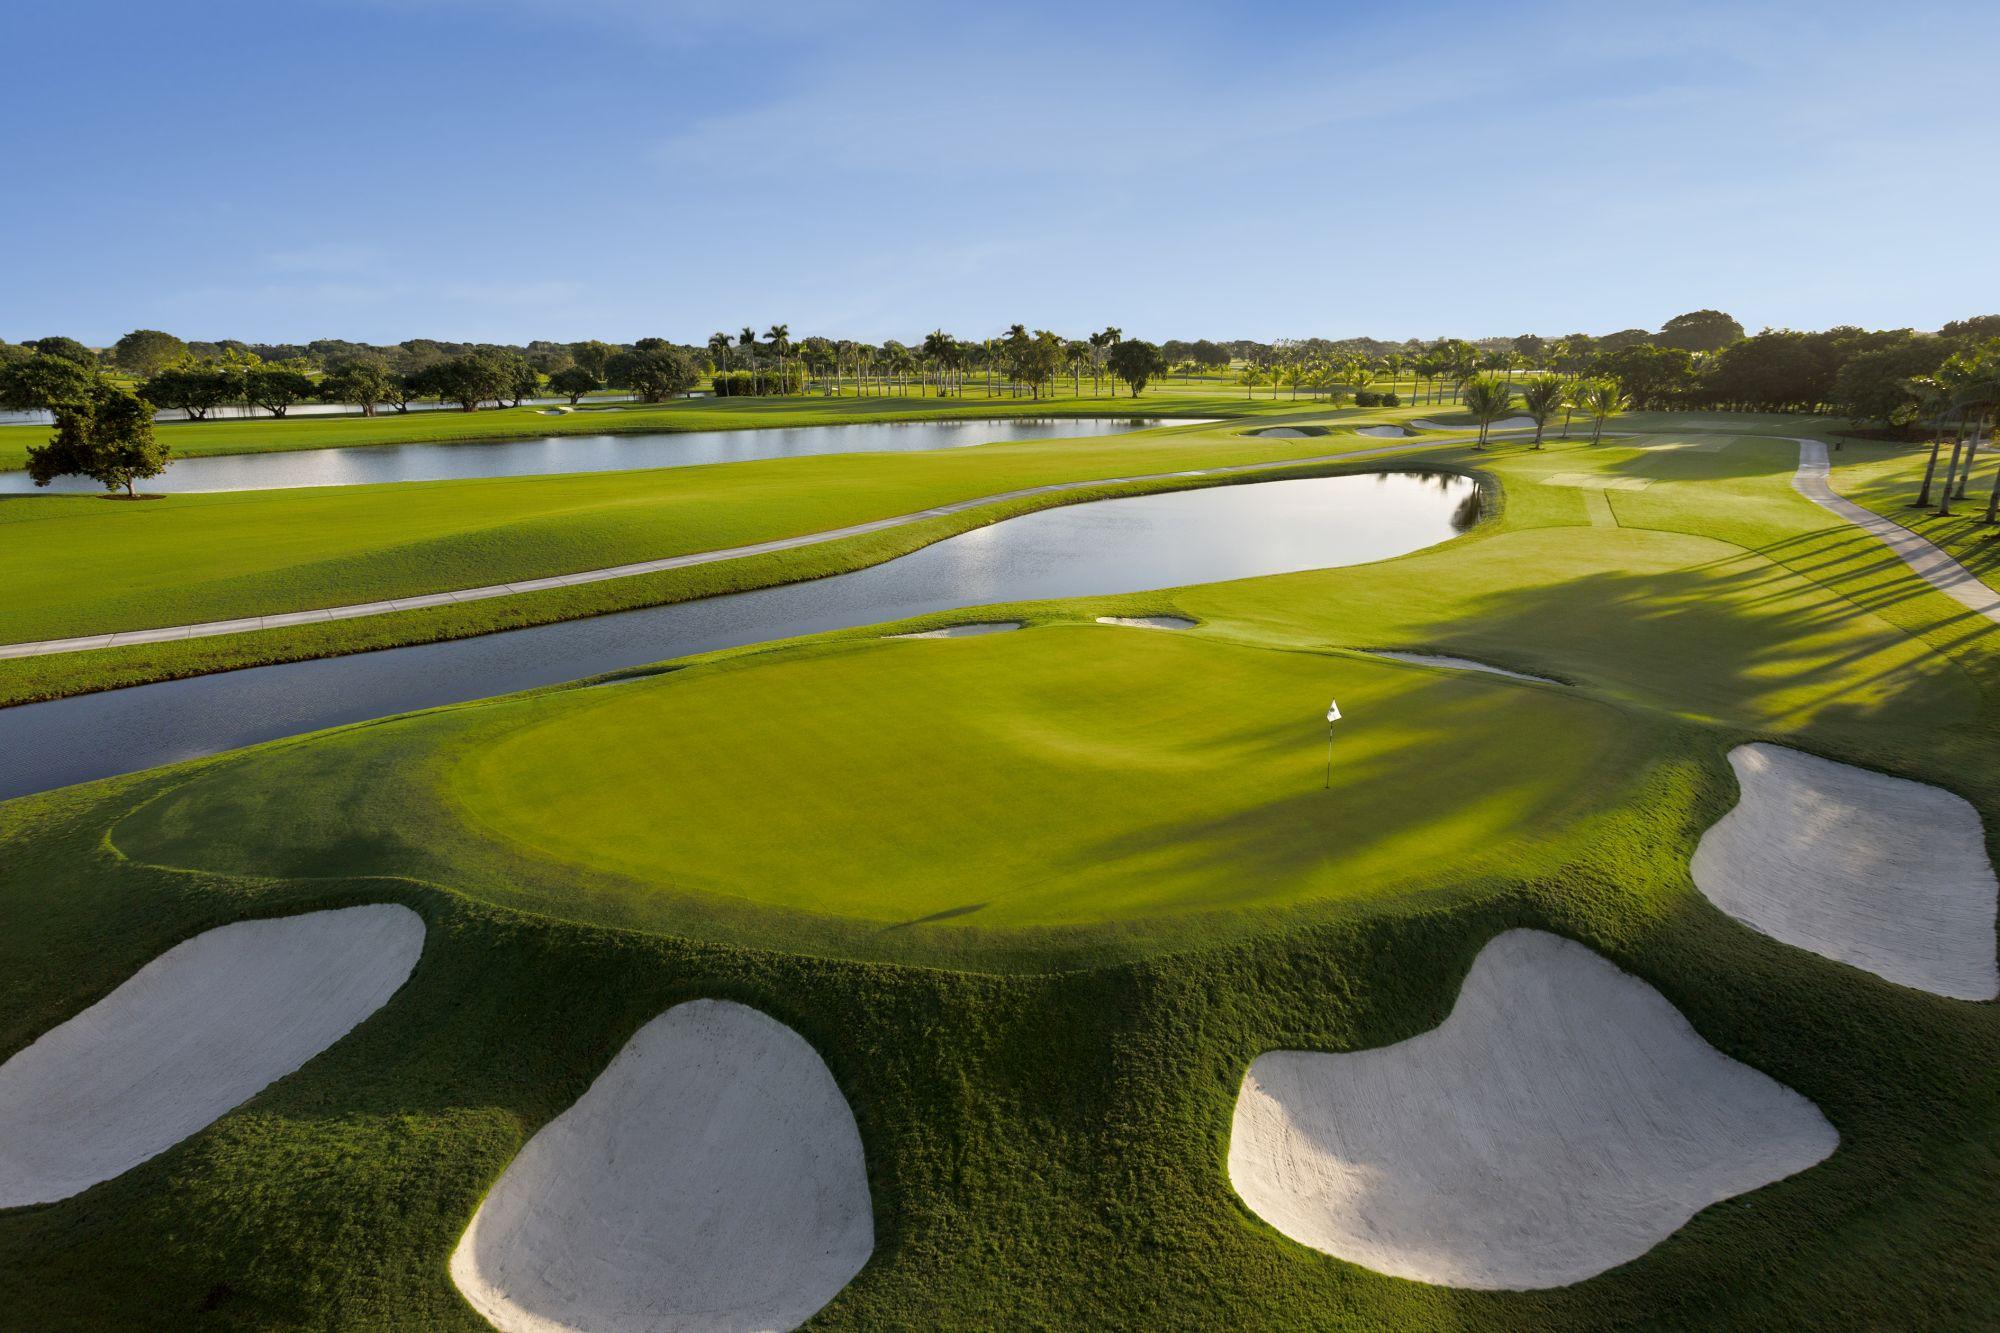 doral golf course